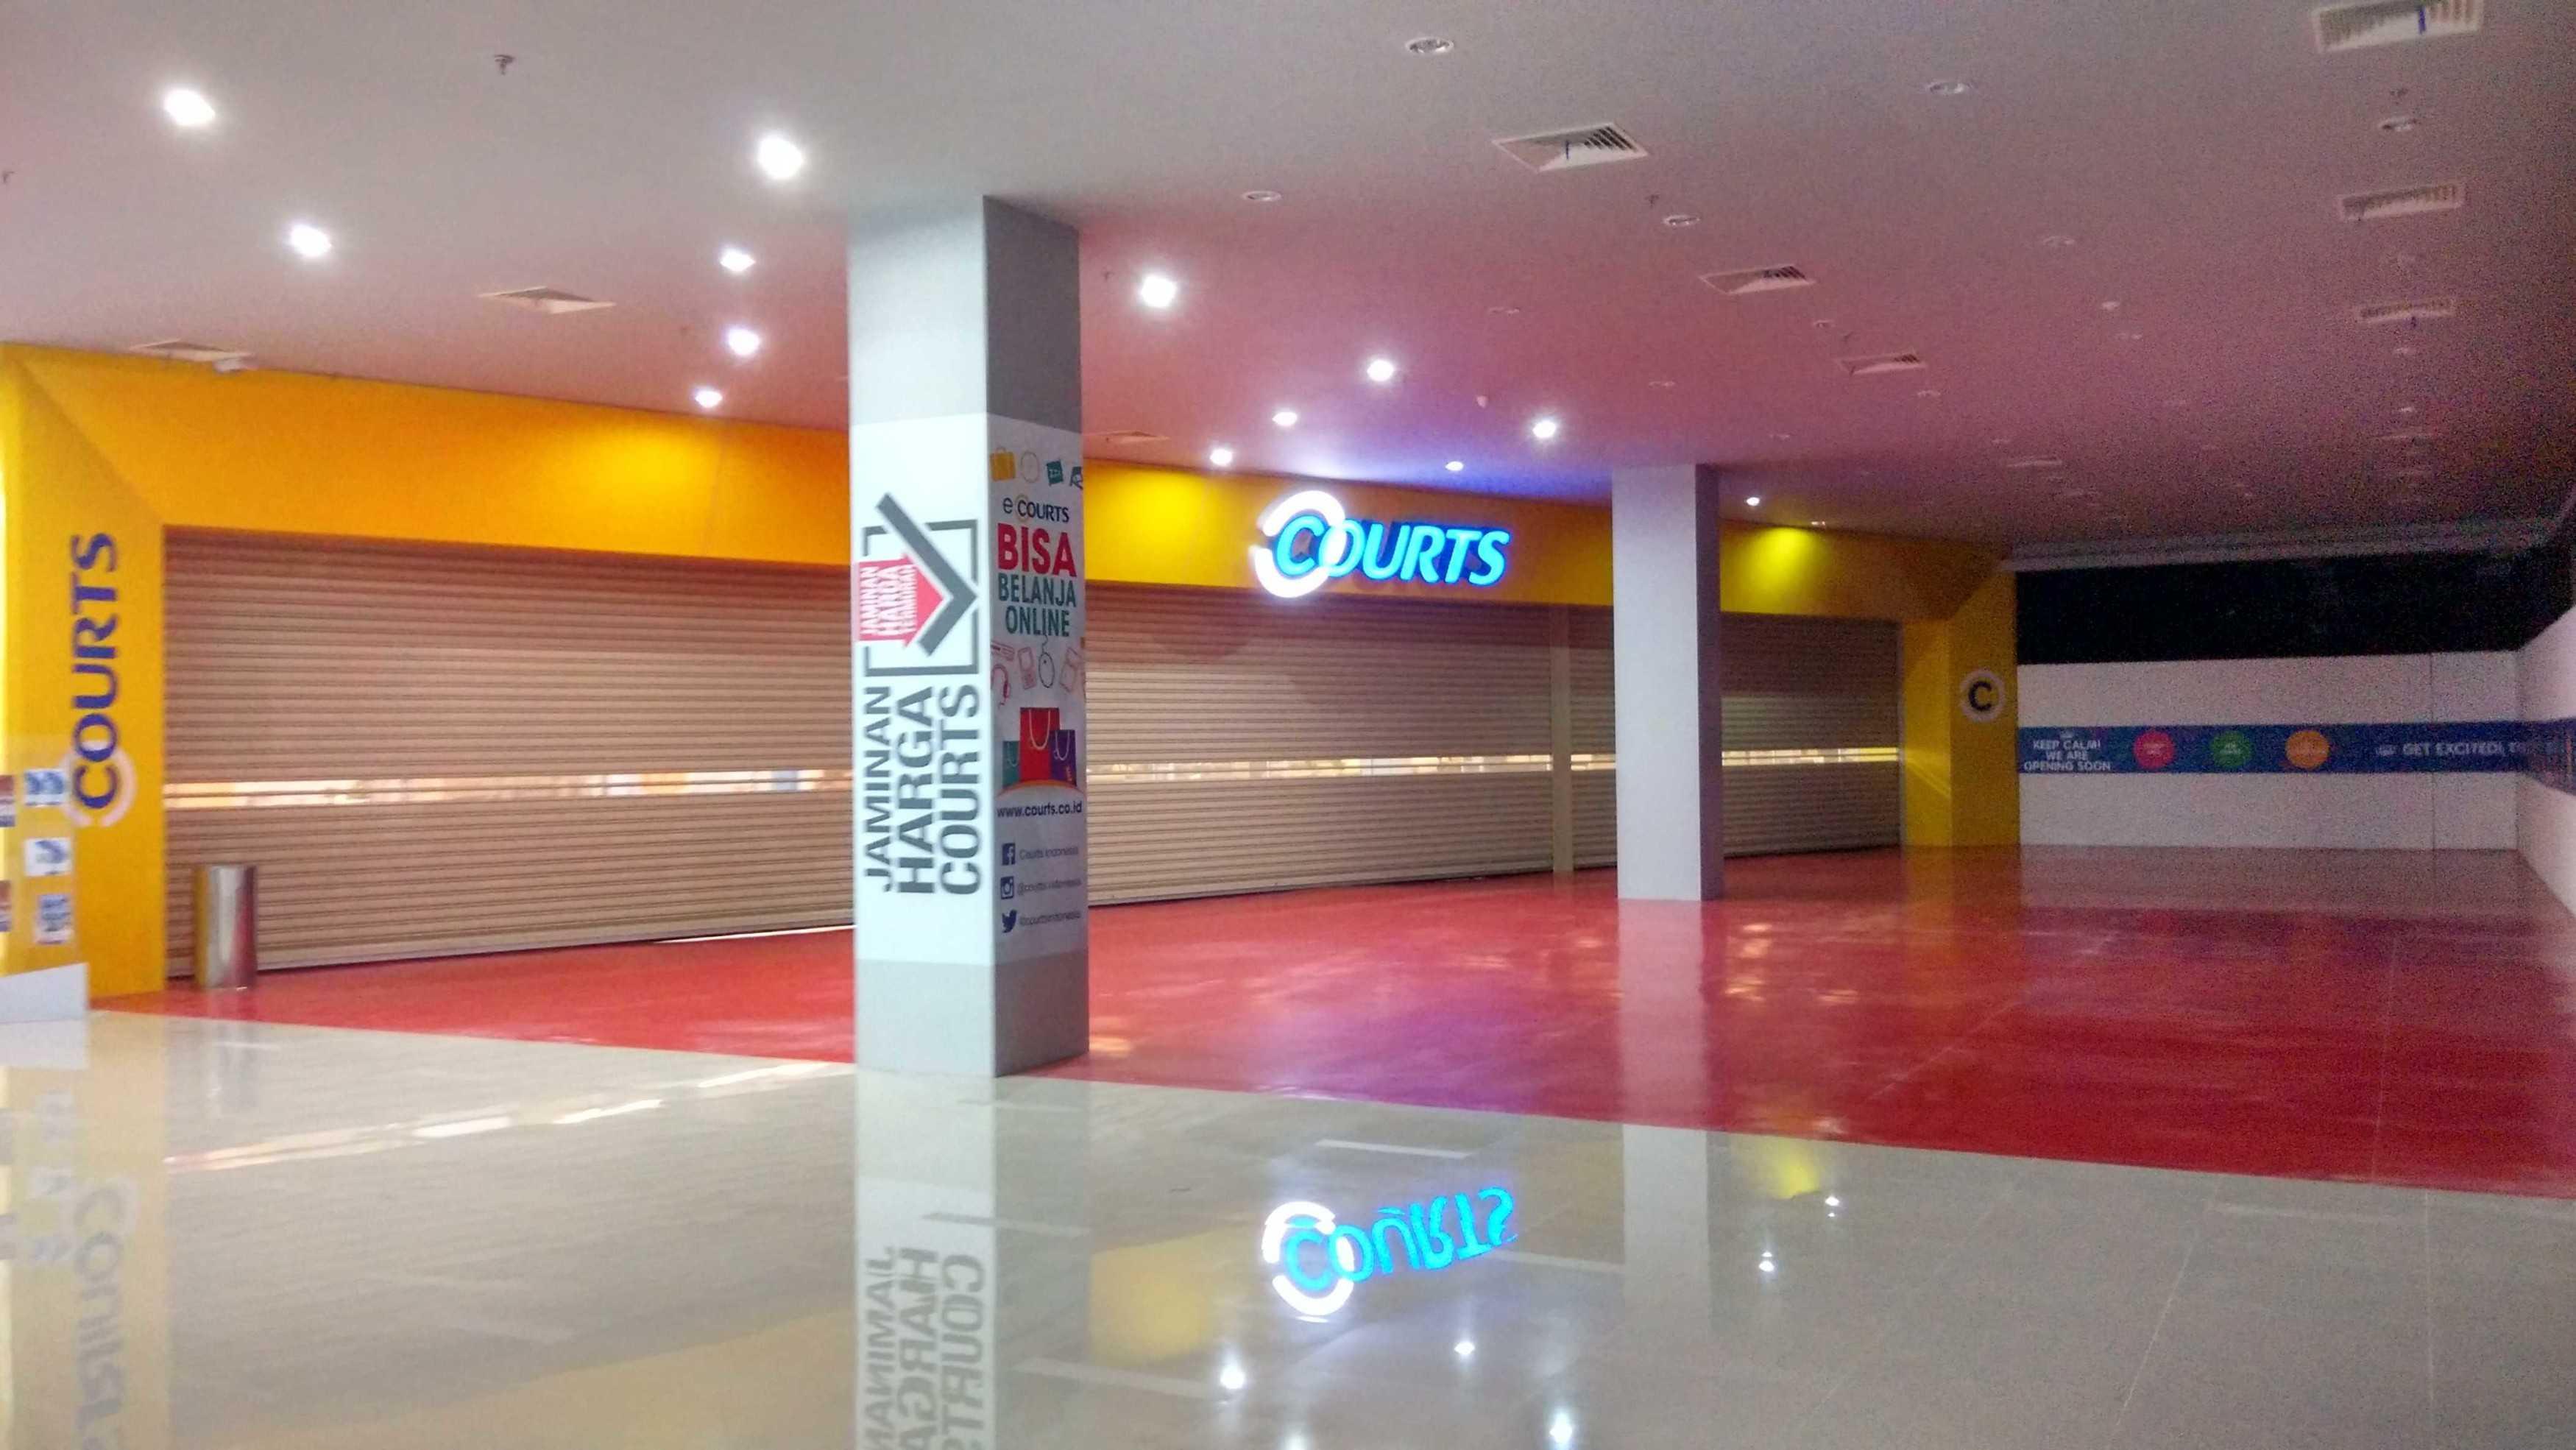 Pt. Iwa Design Indonesia Courts Megastore  Bsd Bsd Img20160118160902Hdr  Electronic-Furniture Entrance 23790